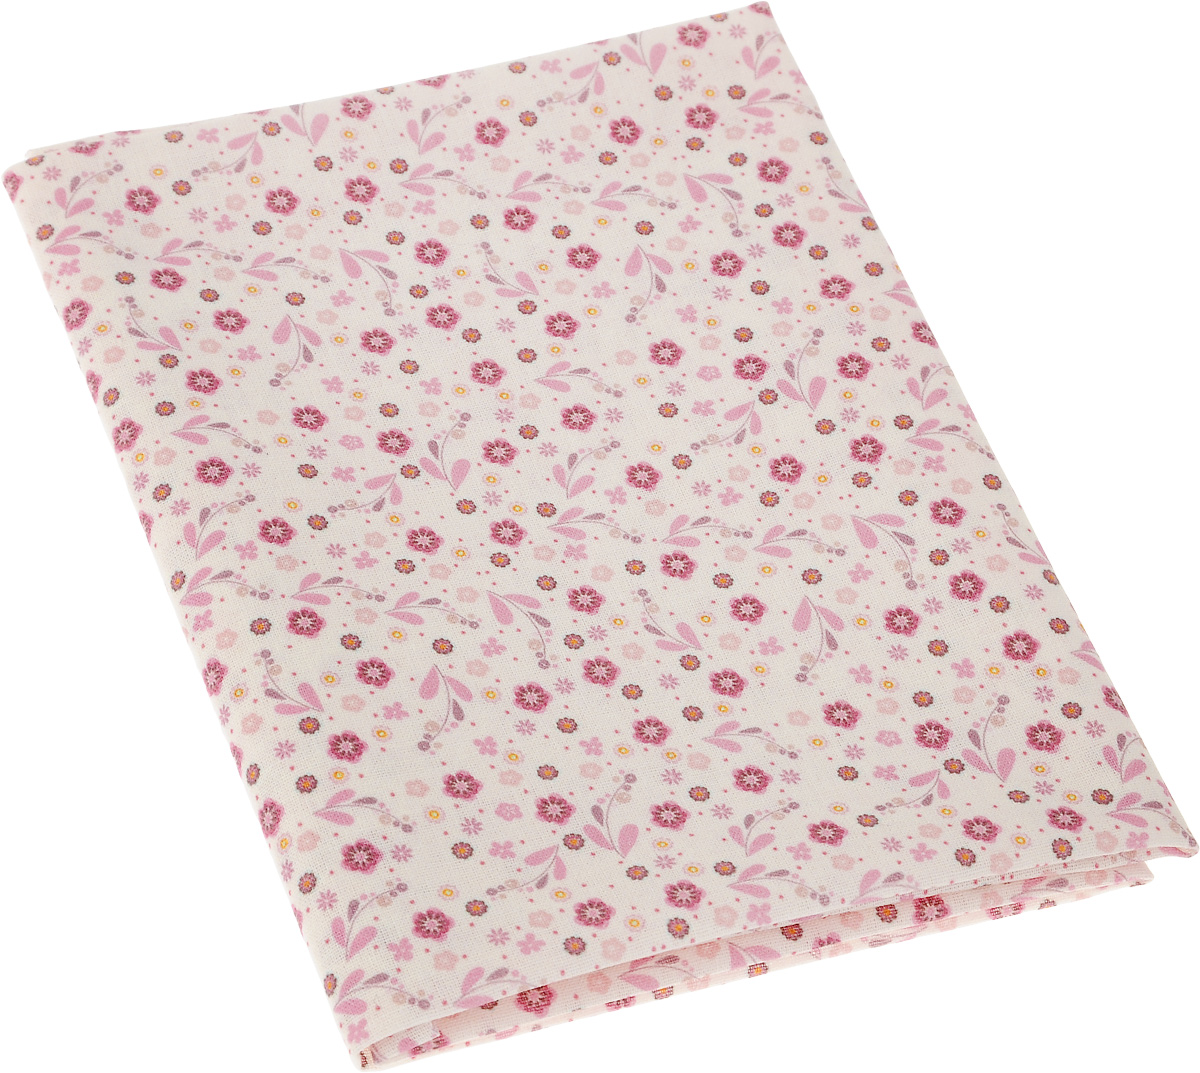 Ткань для пэчворка Артмикс Печворк, цвет: молочный, розовый, 48 x 50 смAM594003Ткань Артмикс Печворк, изготовленная из 100% хлопка, предназначена для пошива одеял, покрывал, сумок, аппликаций и прочих изделий в технике пэчворк. Также подходит для пошива кукол, аксессуаров и одежды.Пэчворк - это вид рукоделия, при котором по принципу мозаики сшивается цельное изделие из кусочков ткани (лоскутков). Плотность ткани: 120 г/м2.УВАЖАЕМЫЕ КЛИЕНТЫ!Обращаем ваше внимание, на тот факт, что размер отреза может отличаться на 1-2 см.